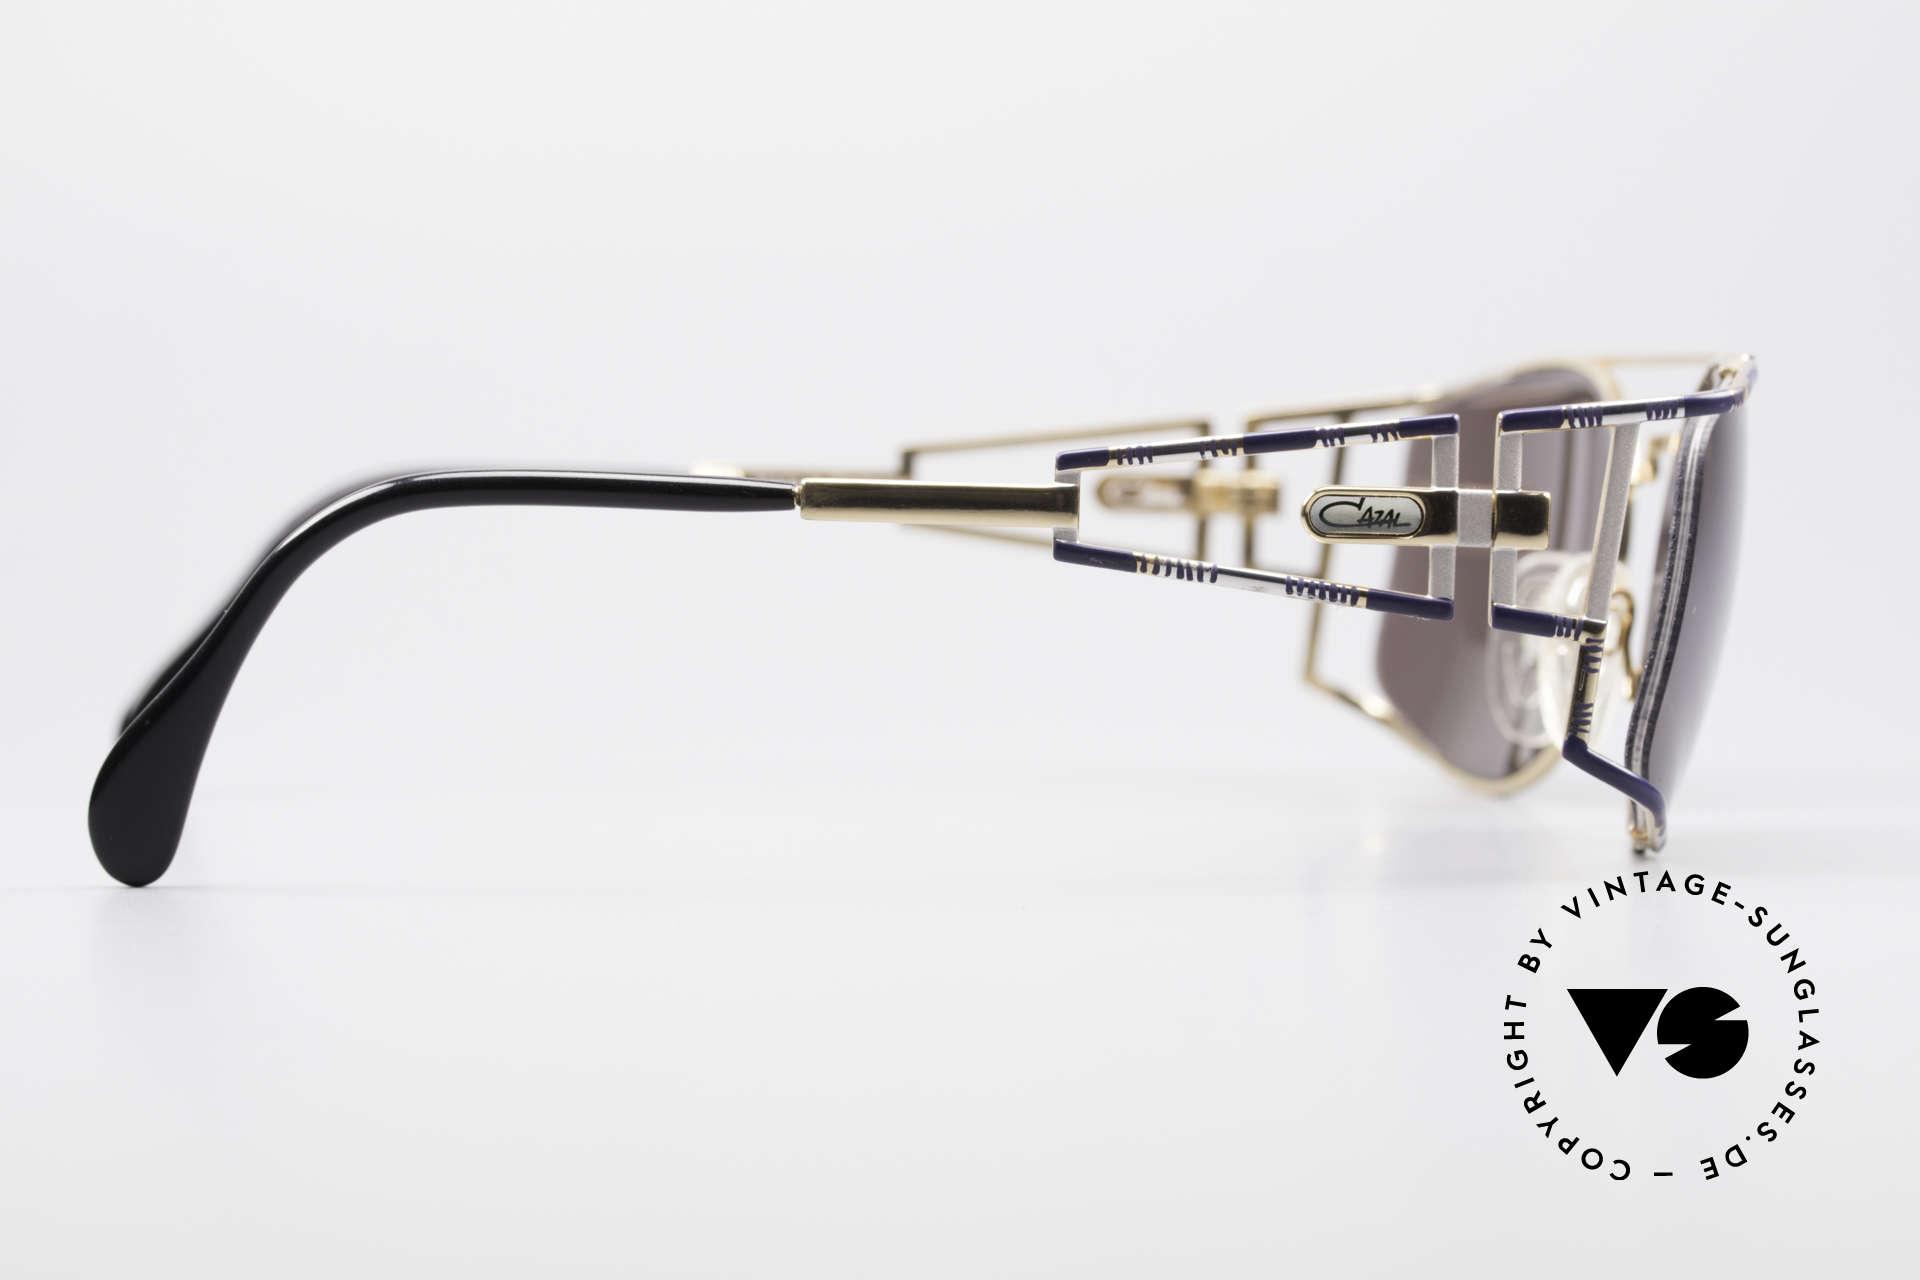 Cazal 967 Vintage Markensonnenbrille, KEINE Retrobrille; ein altes 90er Original + DIOR Etui, Passend für Herren und Damen